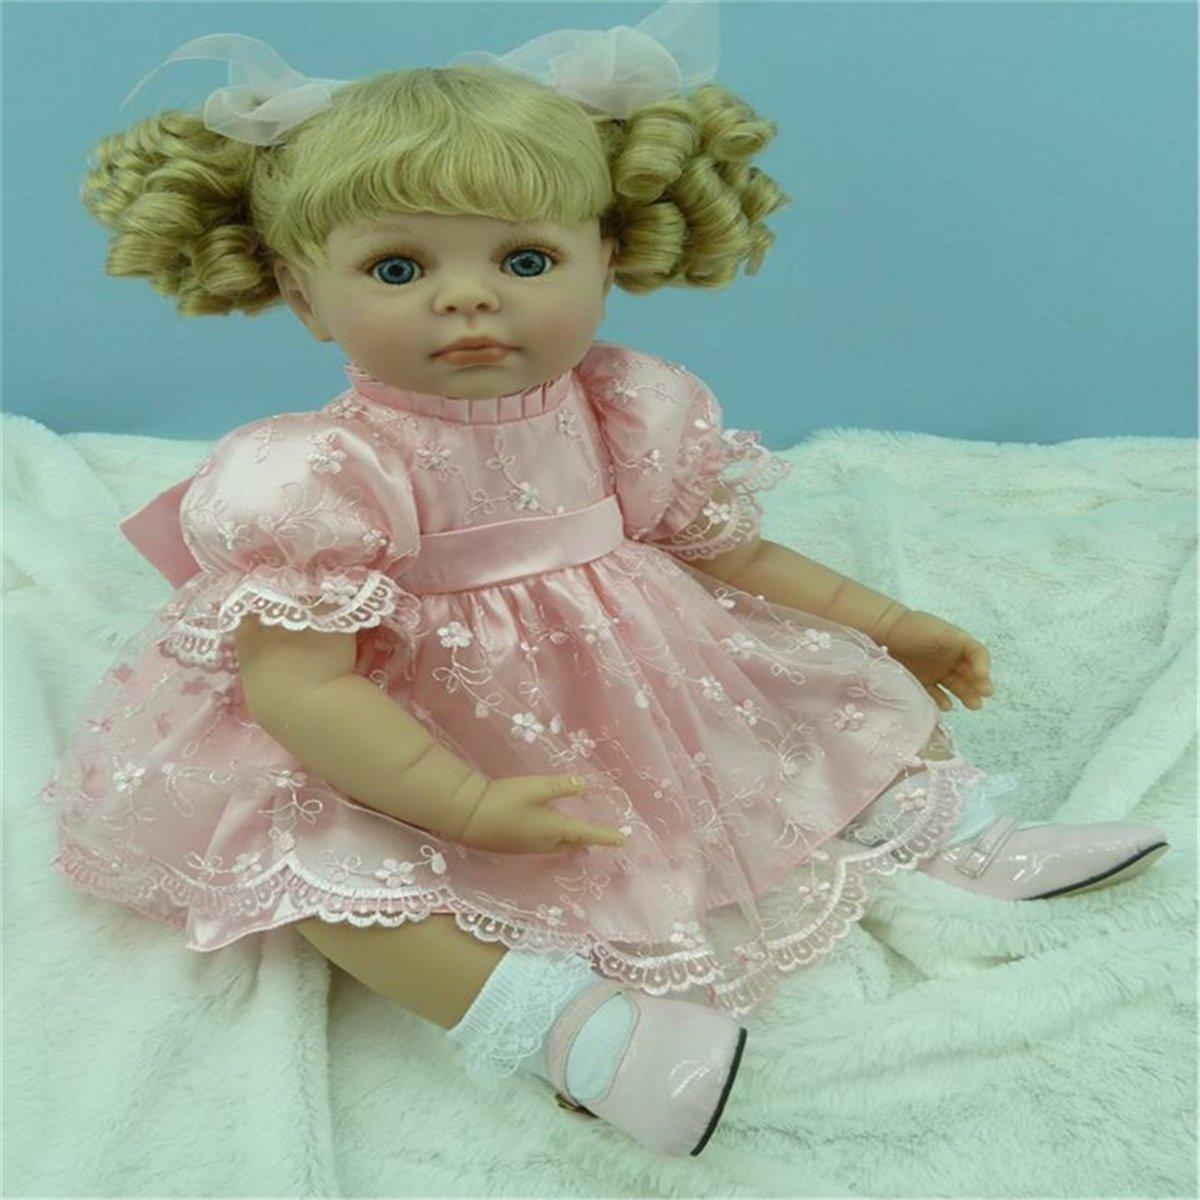 Fachel reborn baby doll baby - puppen realistisch vinyl silikon babys 50cm 20inch schönes kleid puppe kindergeburtstag geschenk weihnachtsgeschenk B01FHQF80S Babypuppen Moderner Modus | Schön In Der Farbe